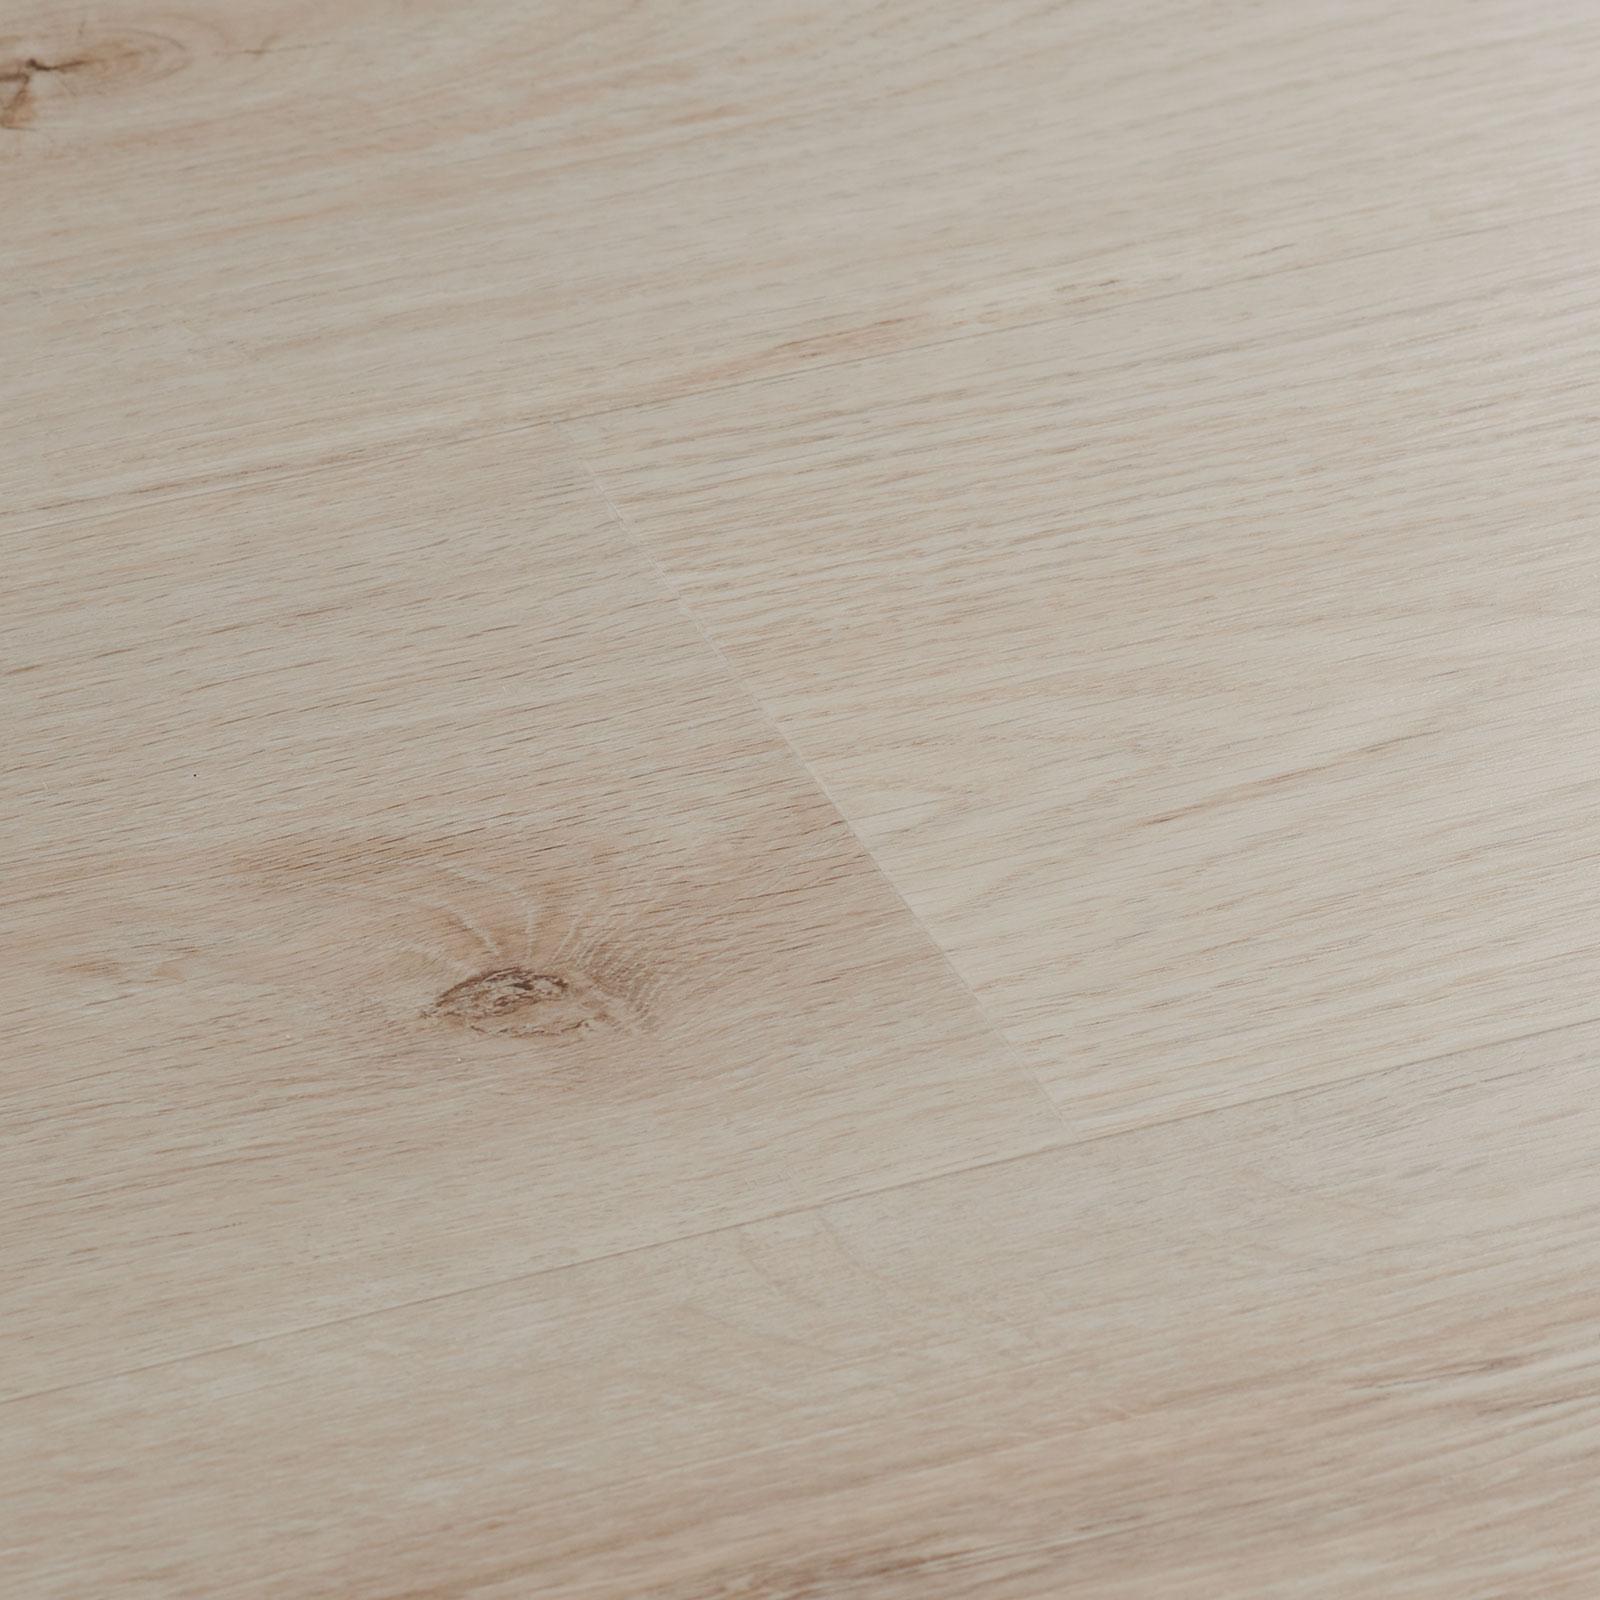 Brecon-Ivory-Oak-swatch